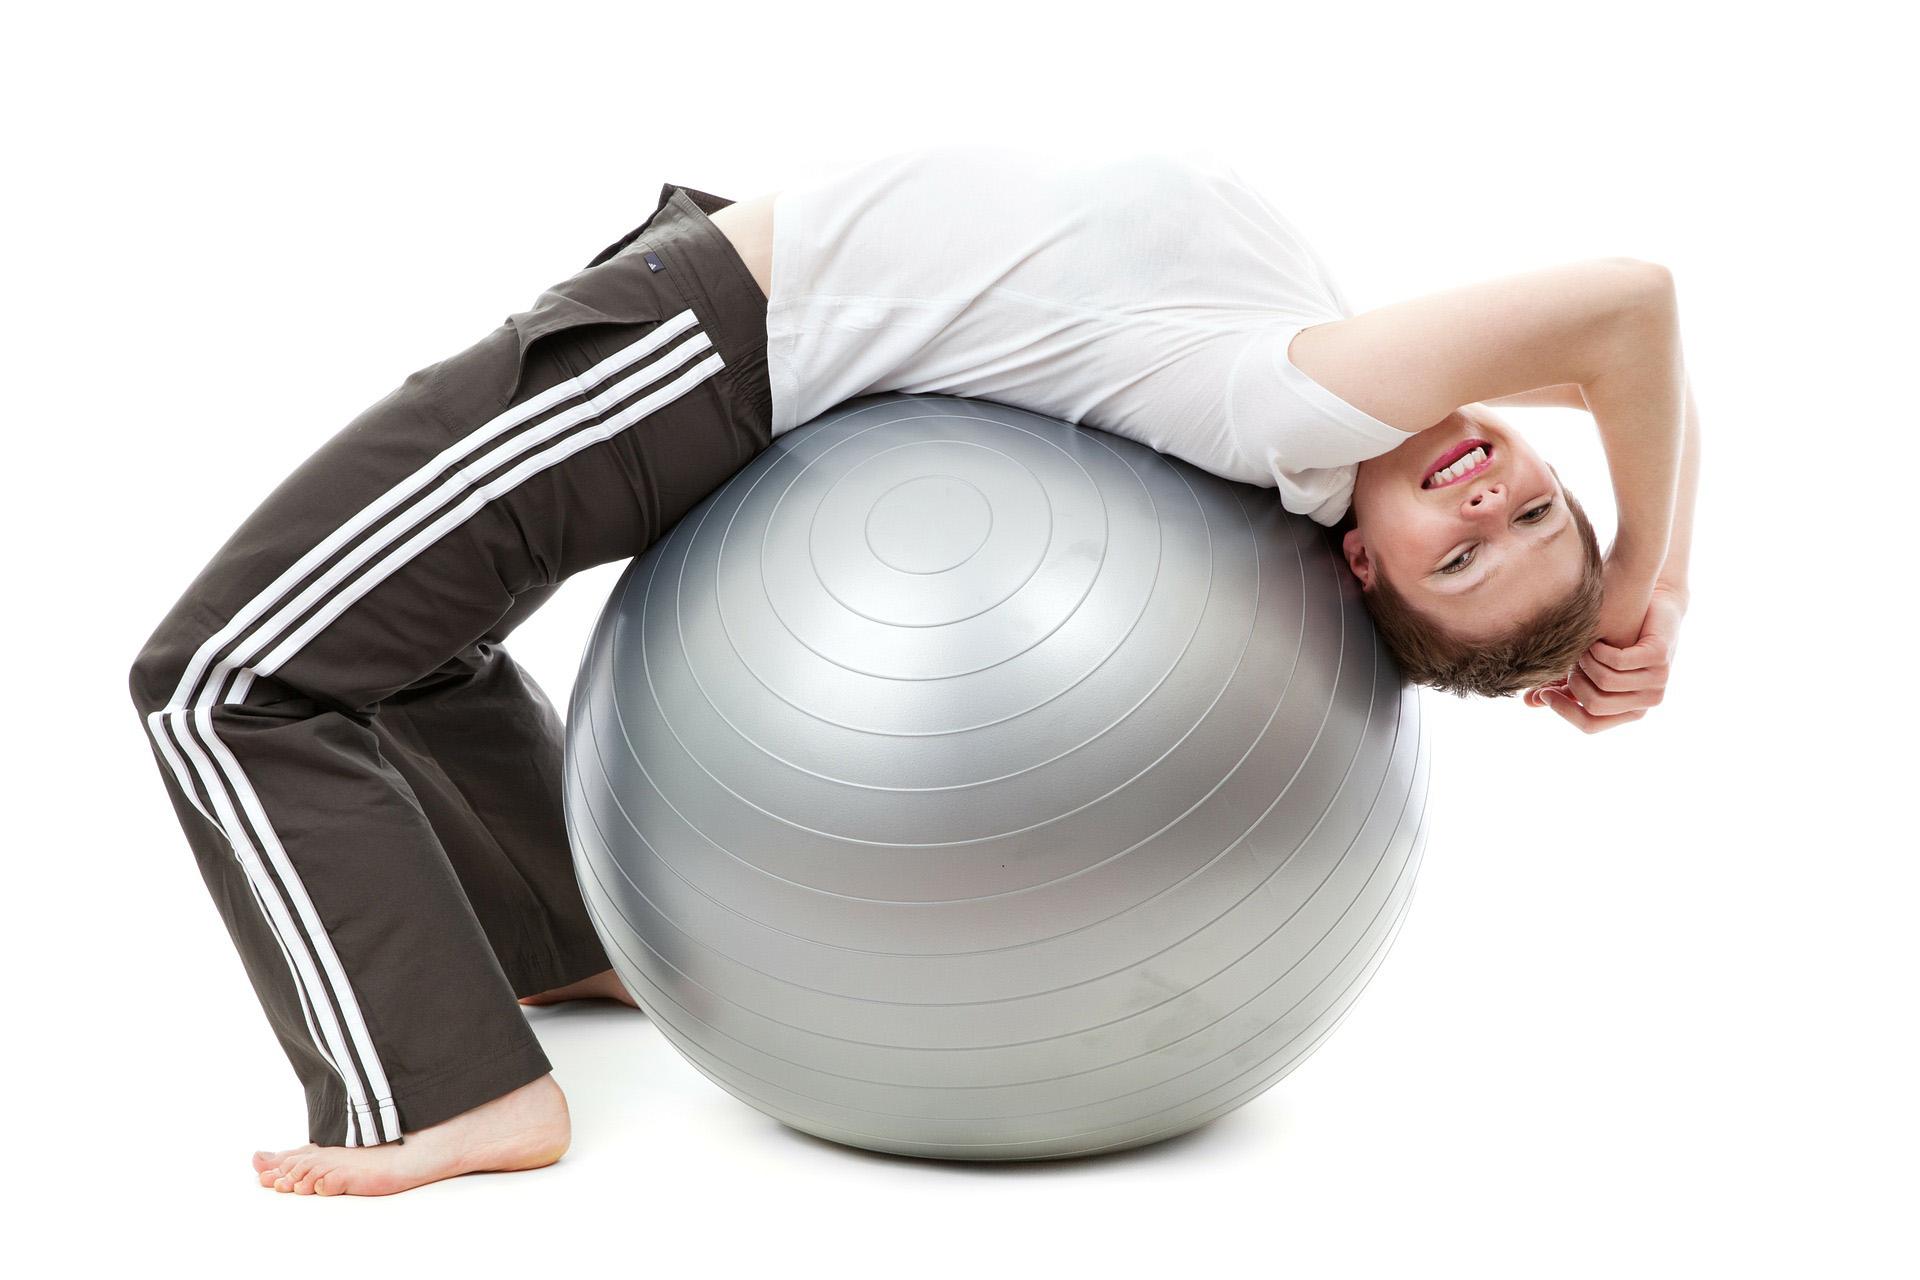 瑜伽球使用的时候,需要注意6大点问题